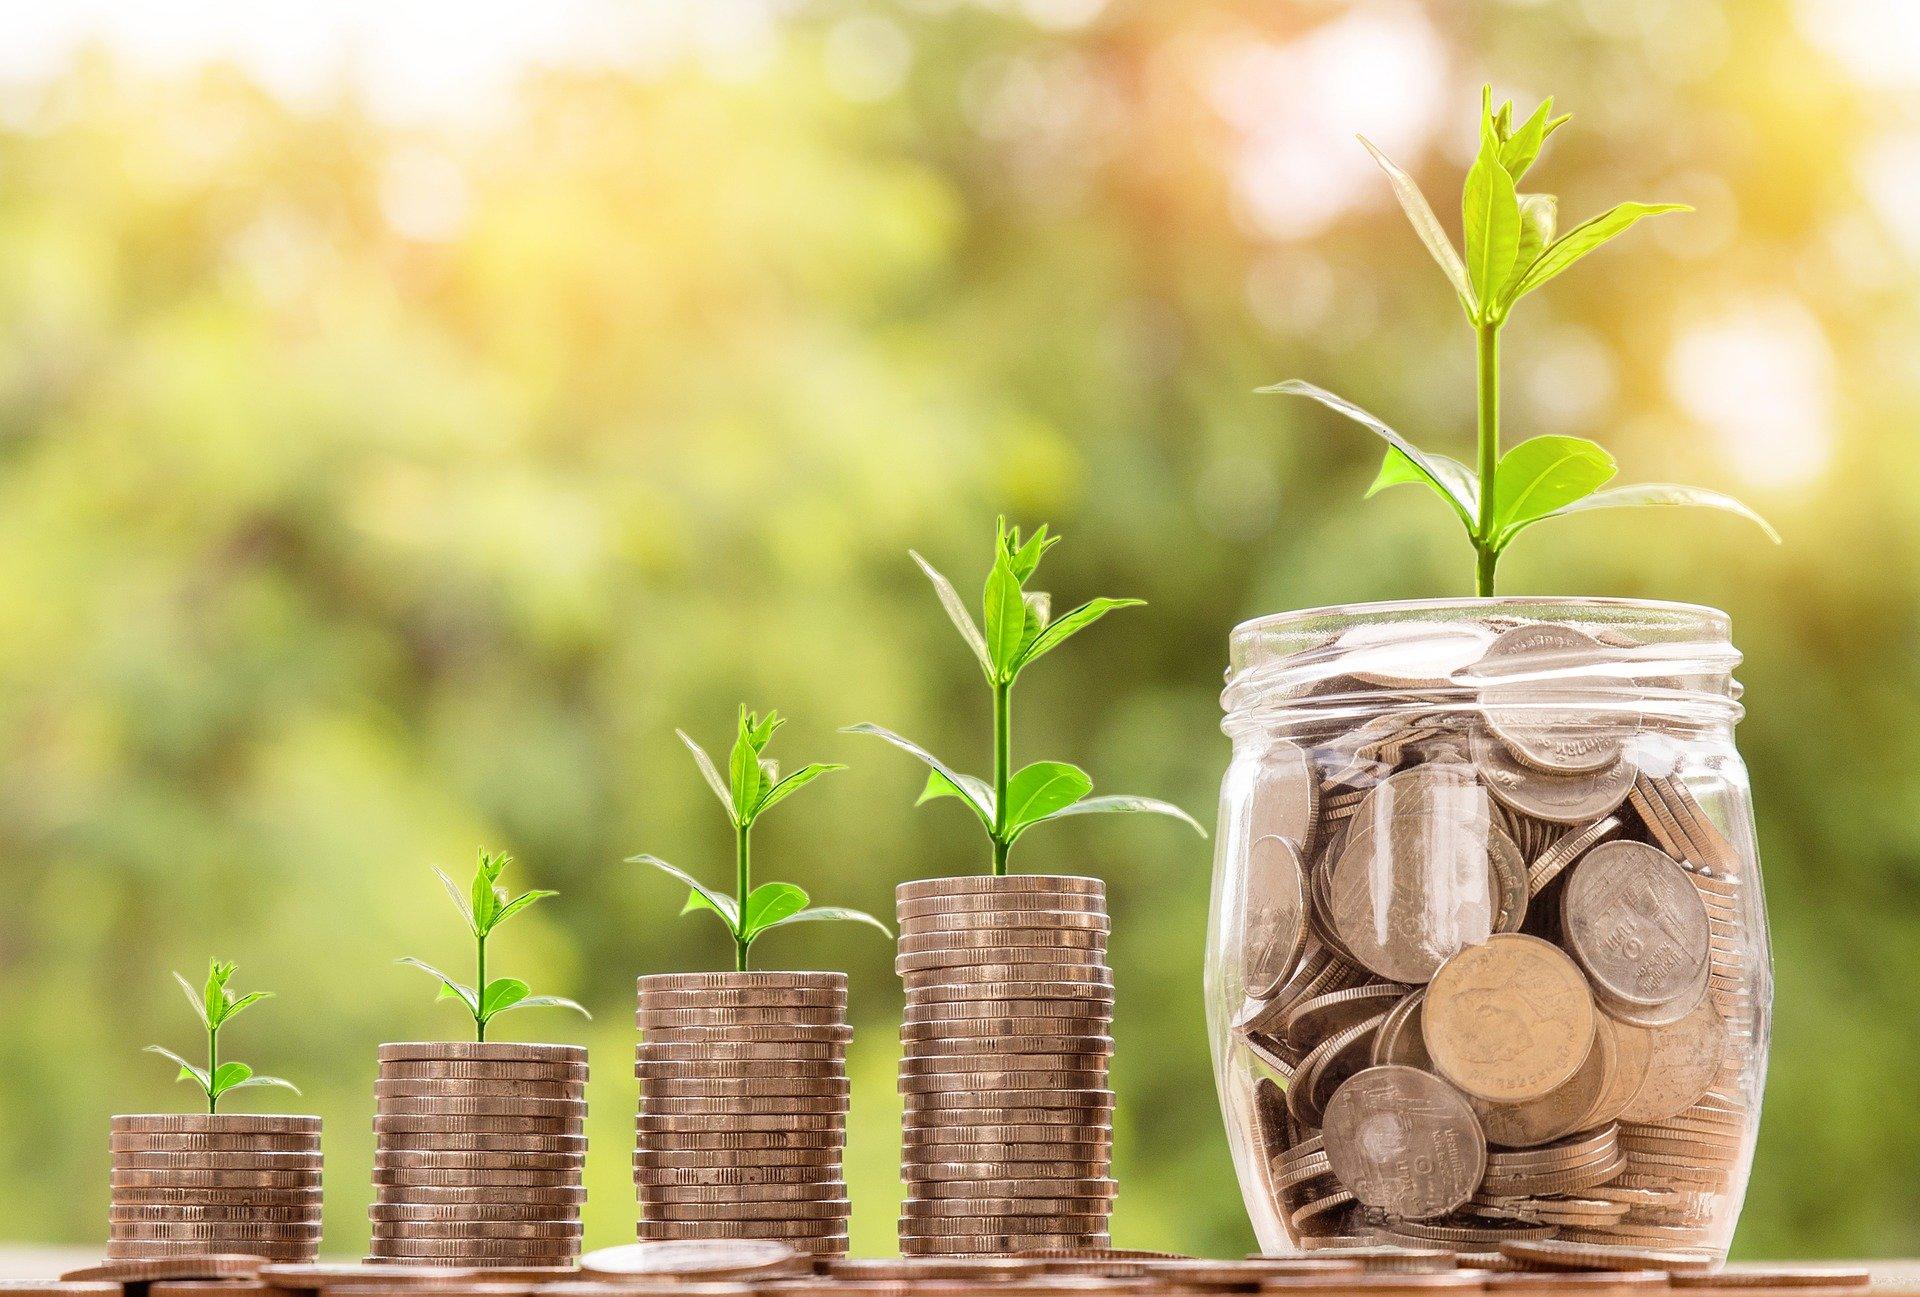 Foto de pilhas de moedas e um pote com moedas e plantas. Imagem ilustrativa para o texto franquia de higienização.